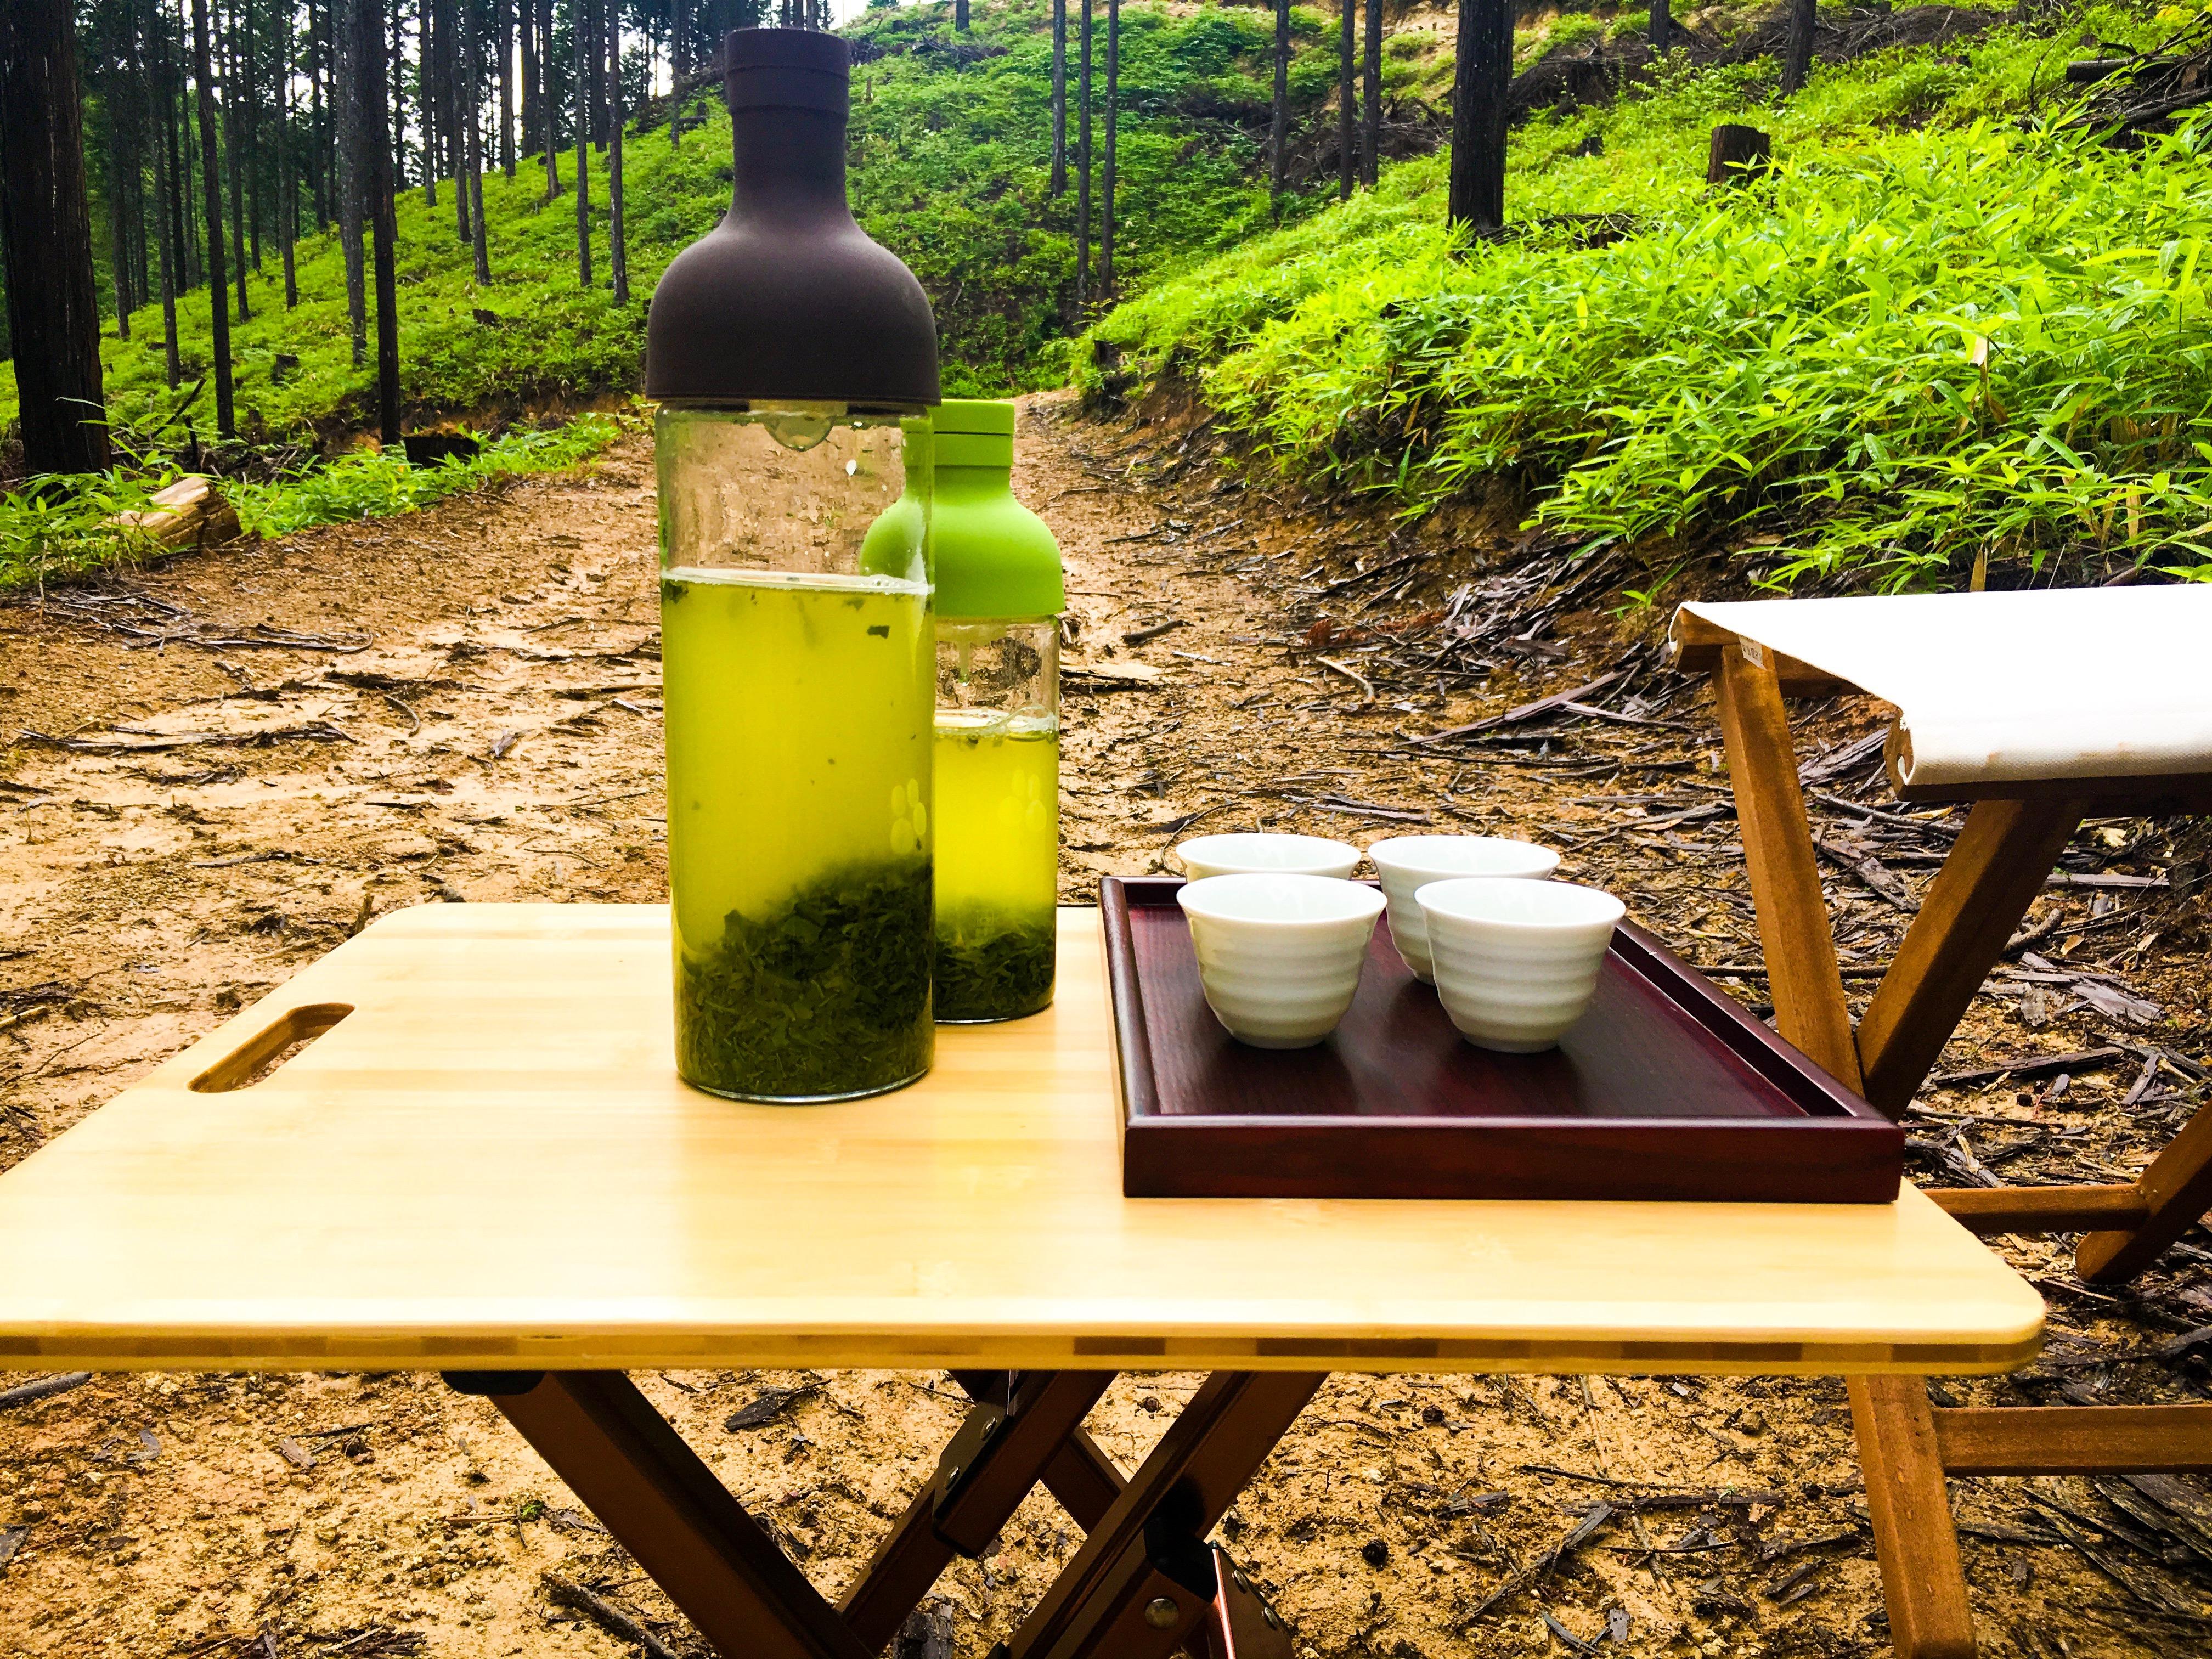 夏に女子旅!スキカモプロジェクト岐阜県・加茂エリア7つの町で夏の田舎暮らし体験記